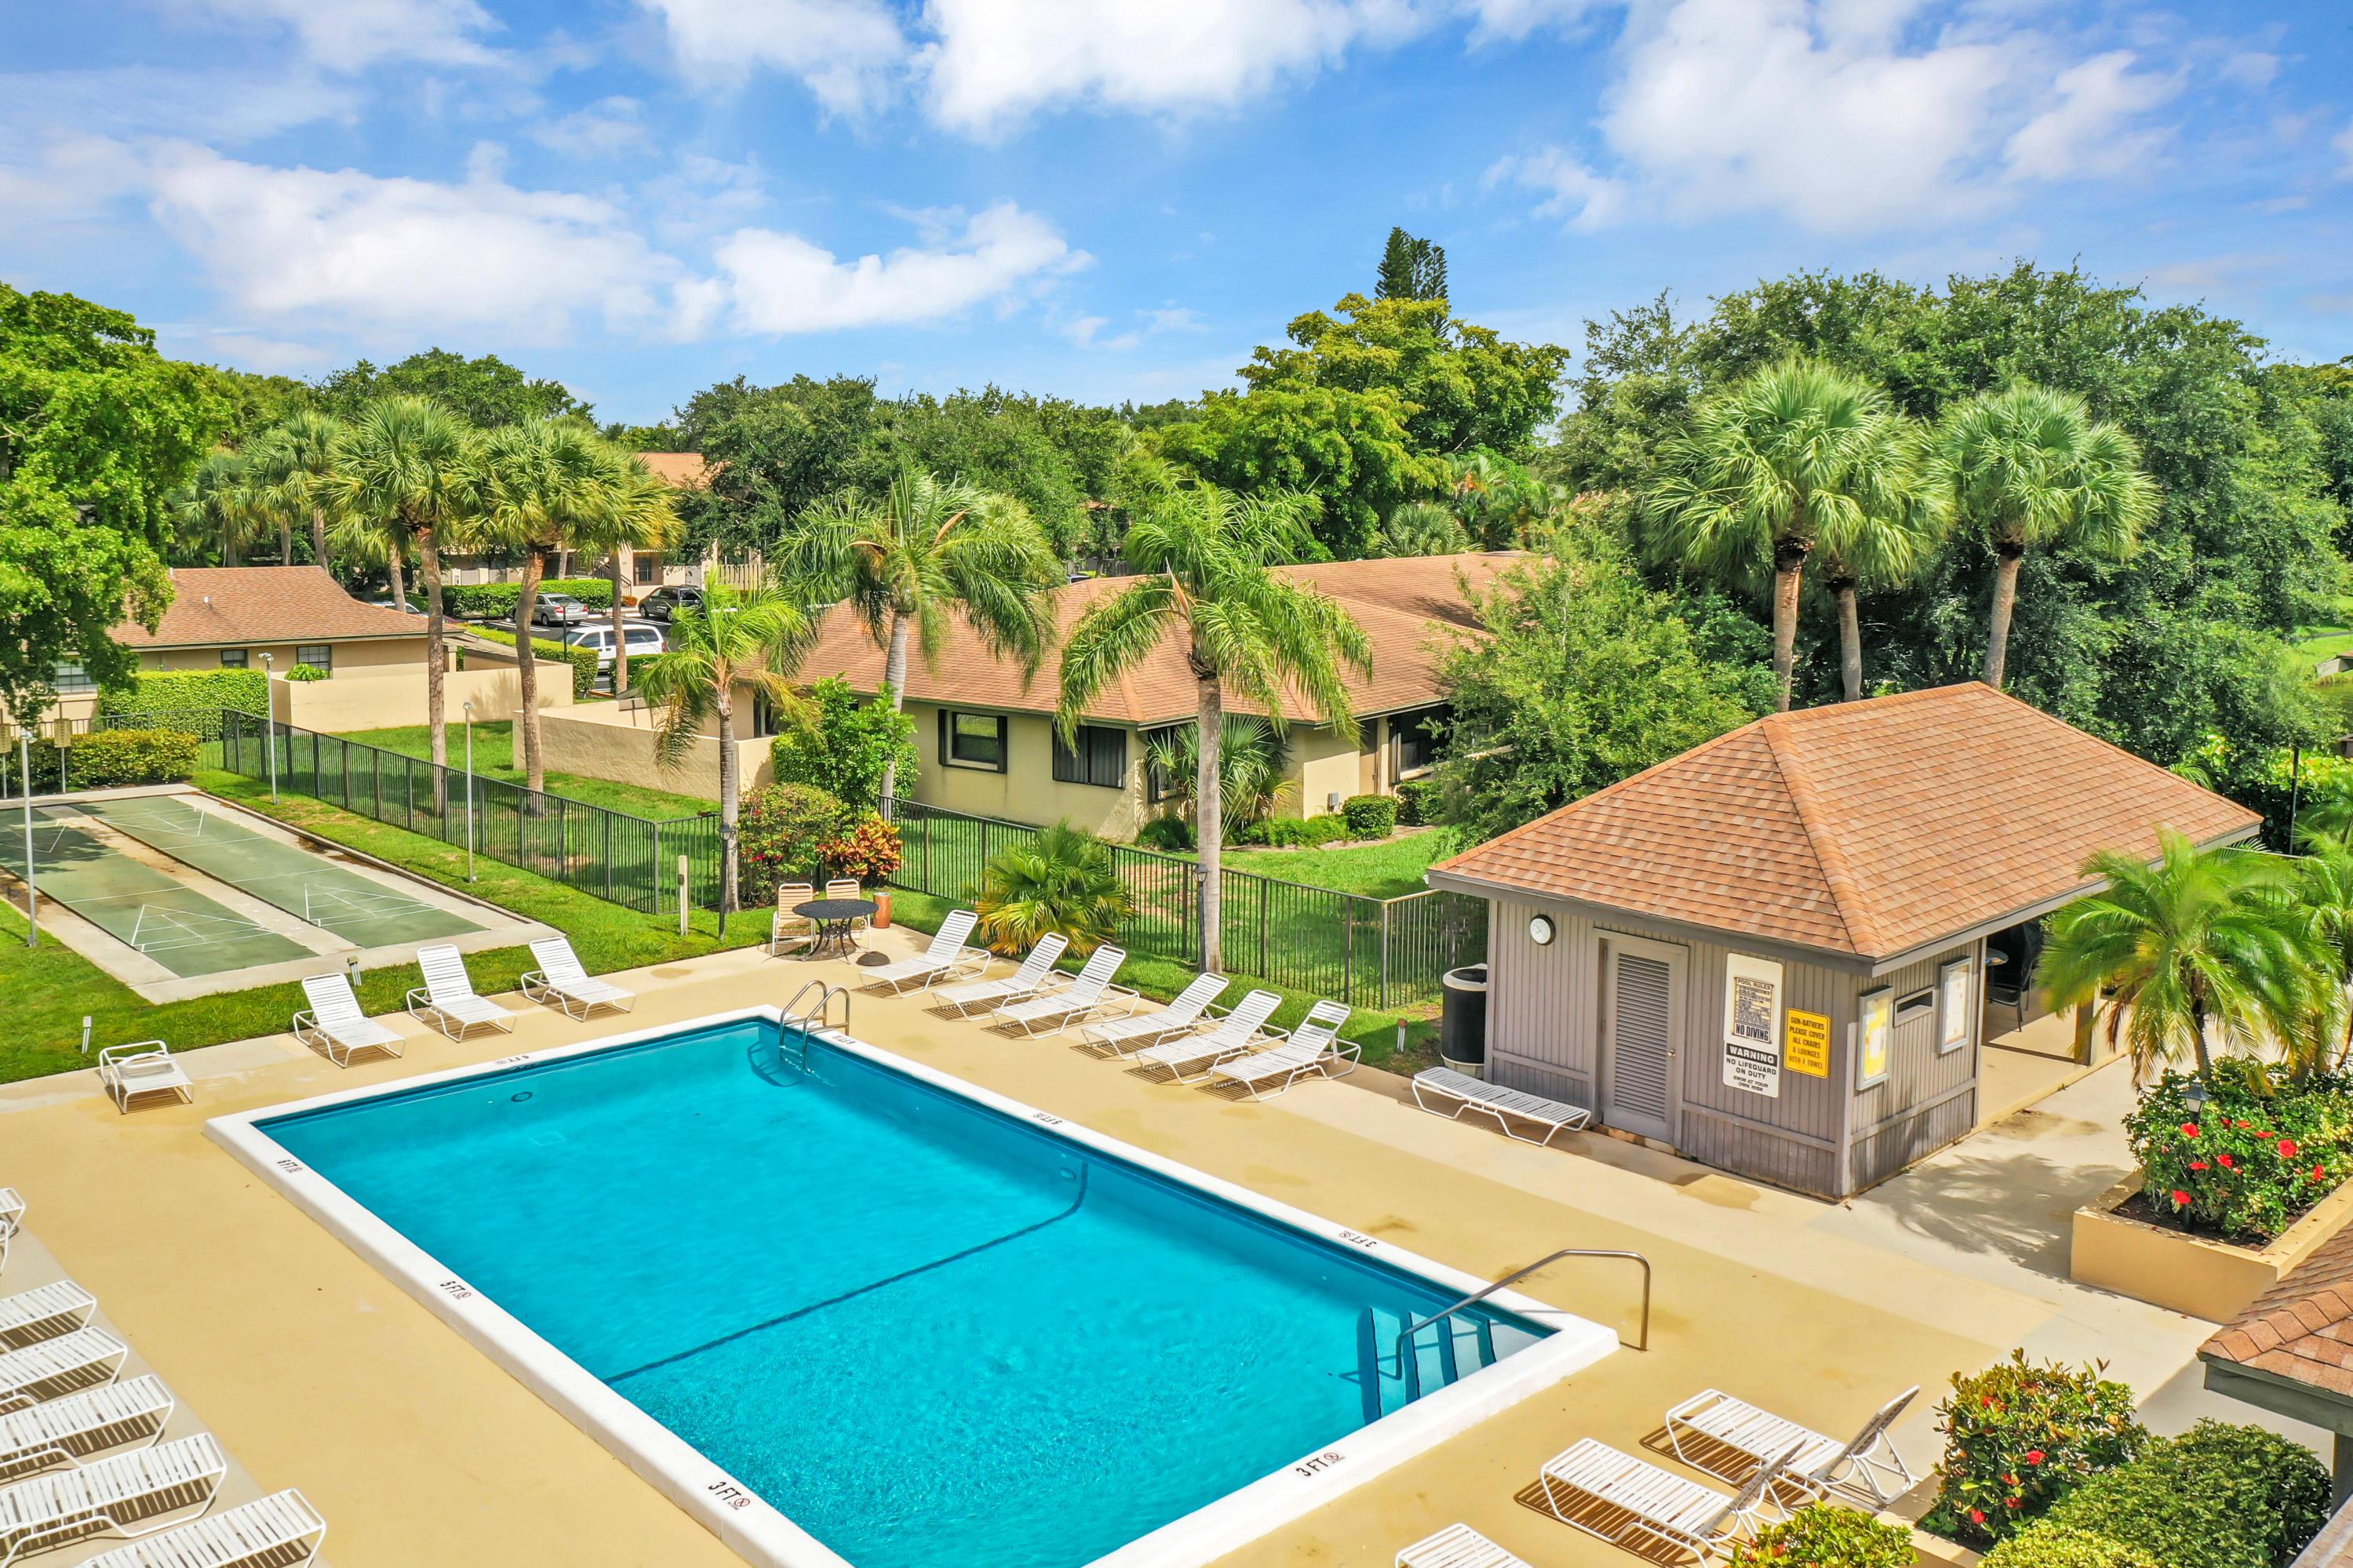 3014 SW 21st Terrace 352b  Delray Beach, FL 33445